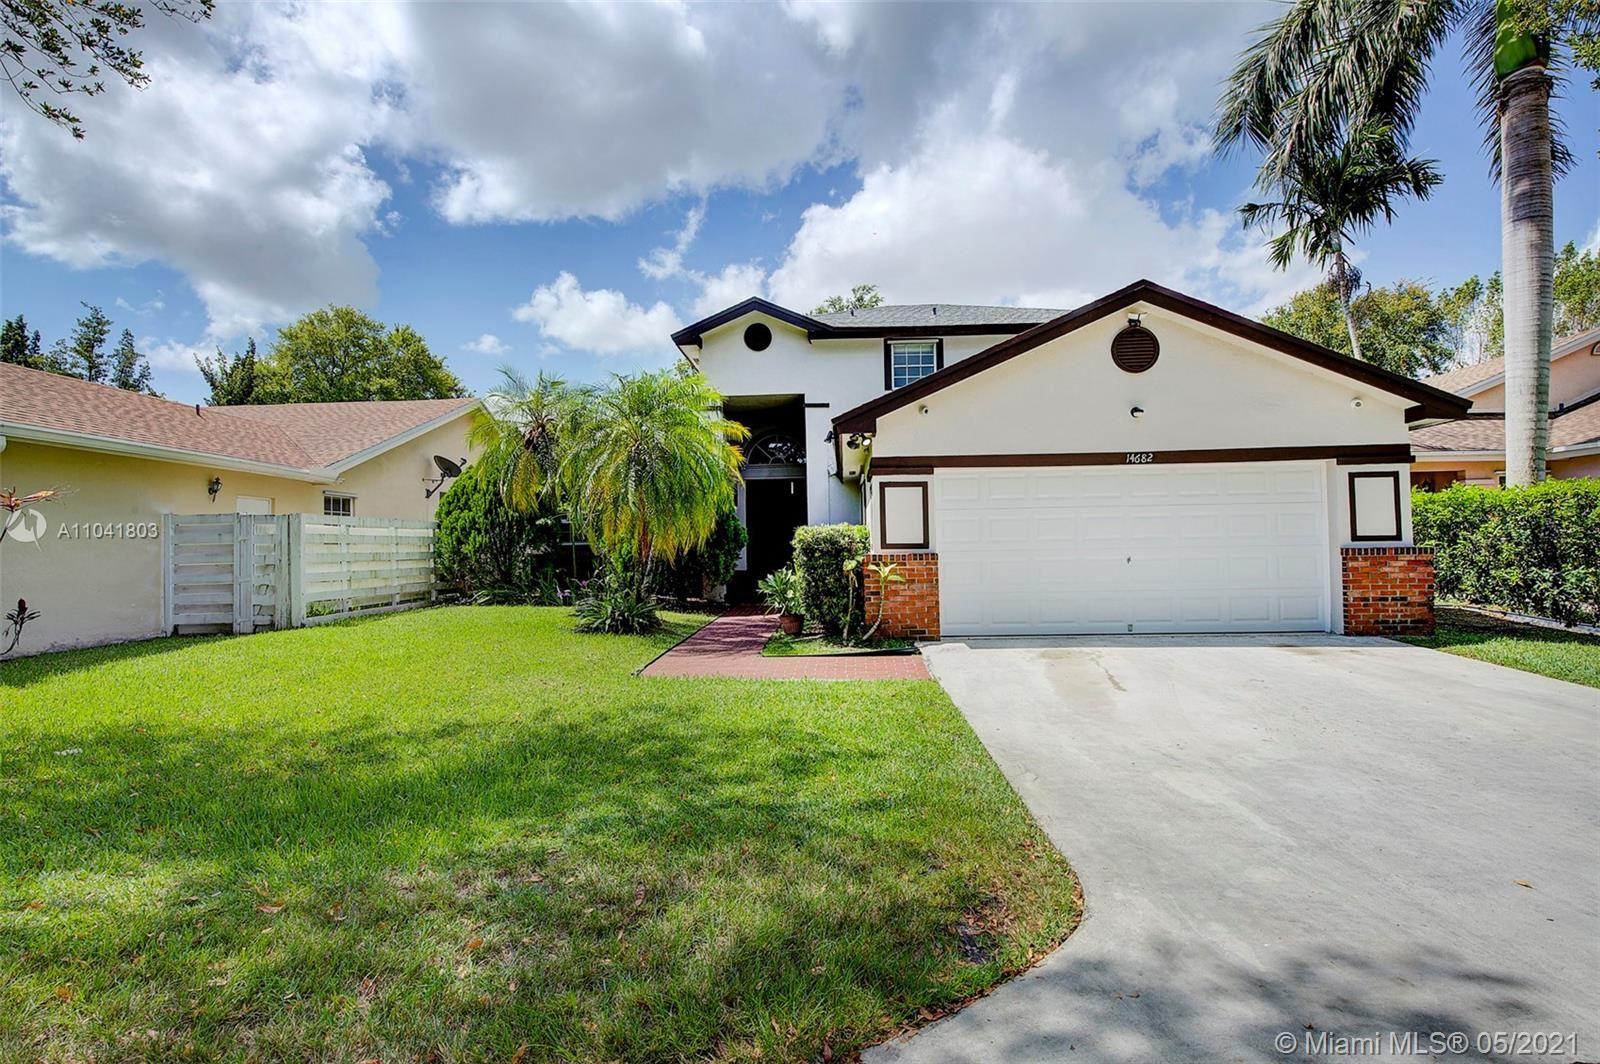 14682 SW 145th Ter, Miami, FL 33186 - #: A11041803